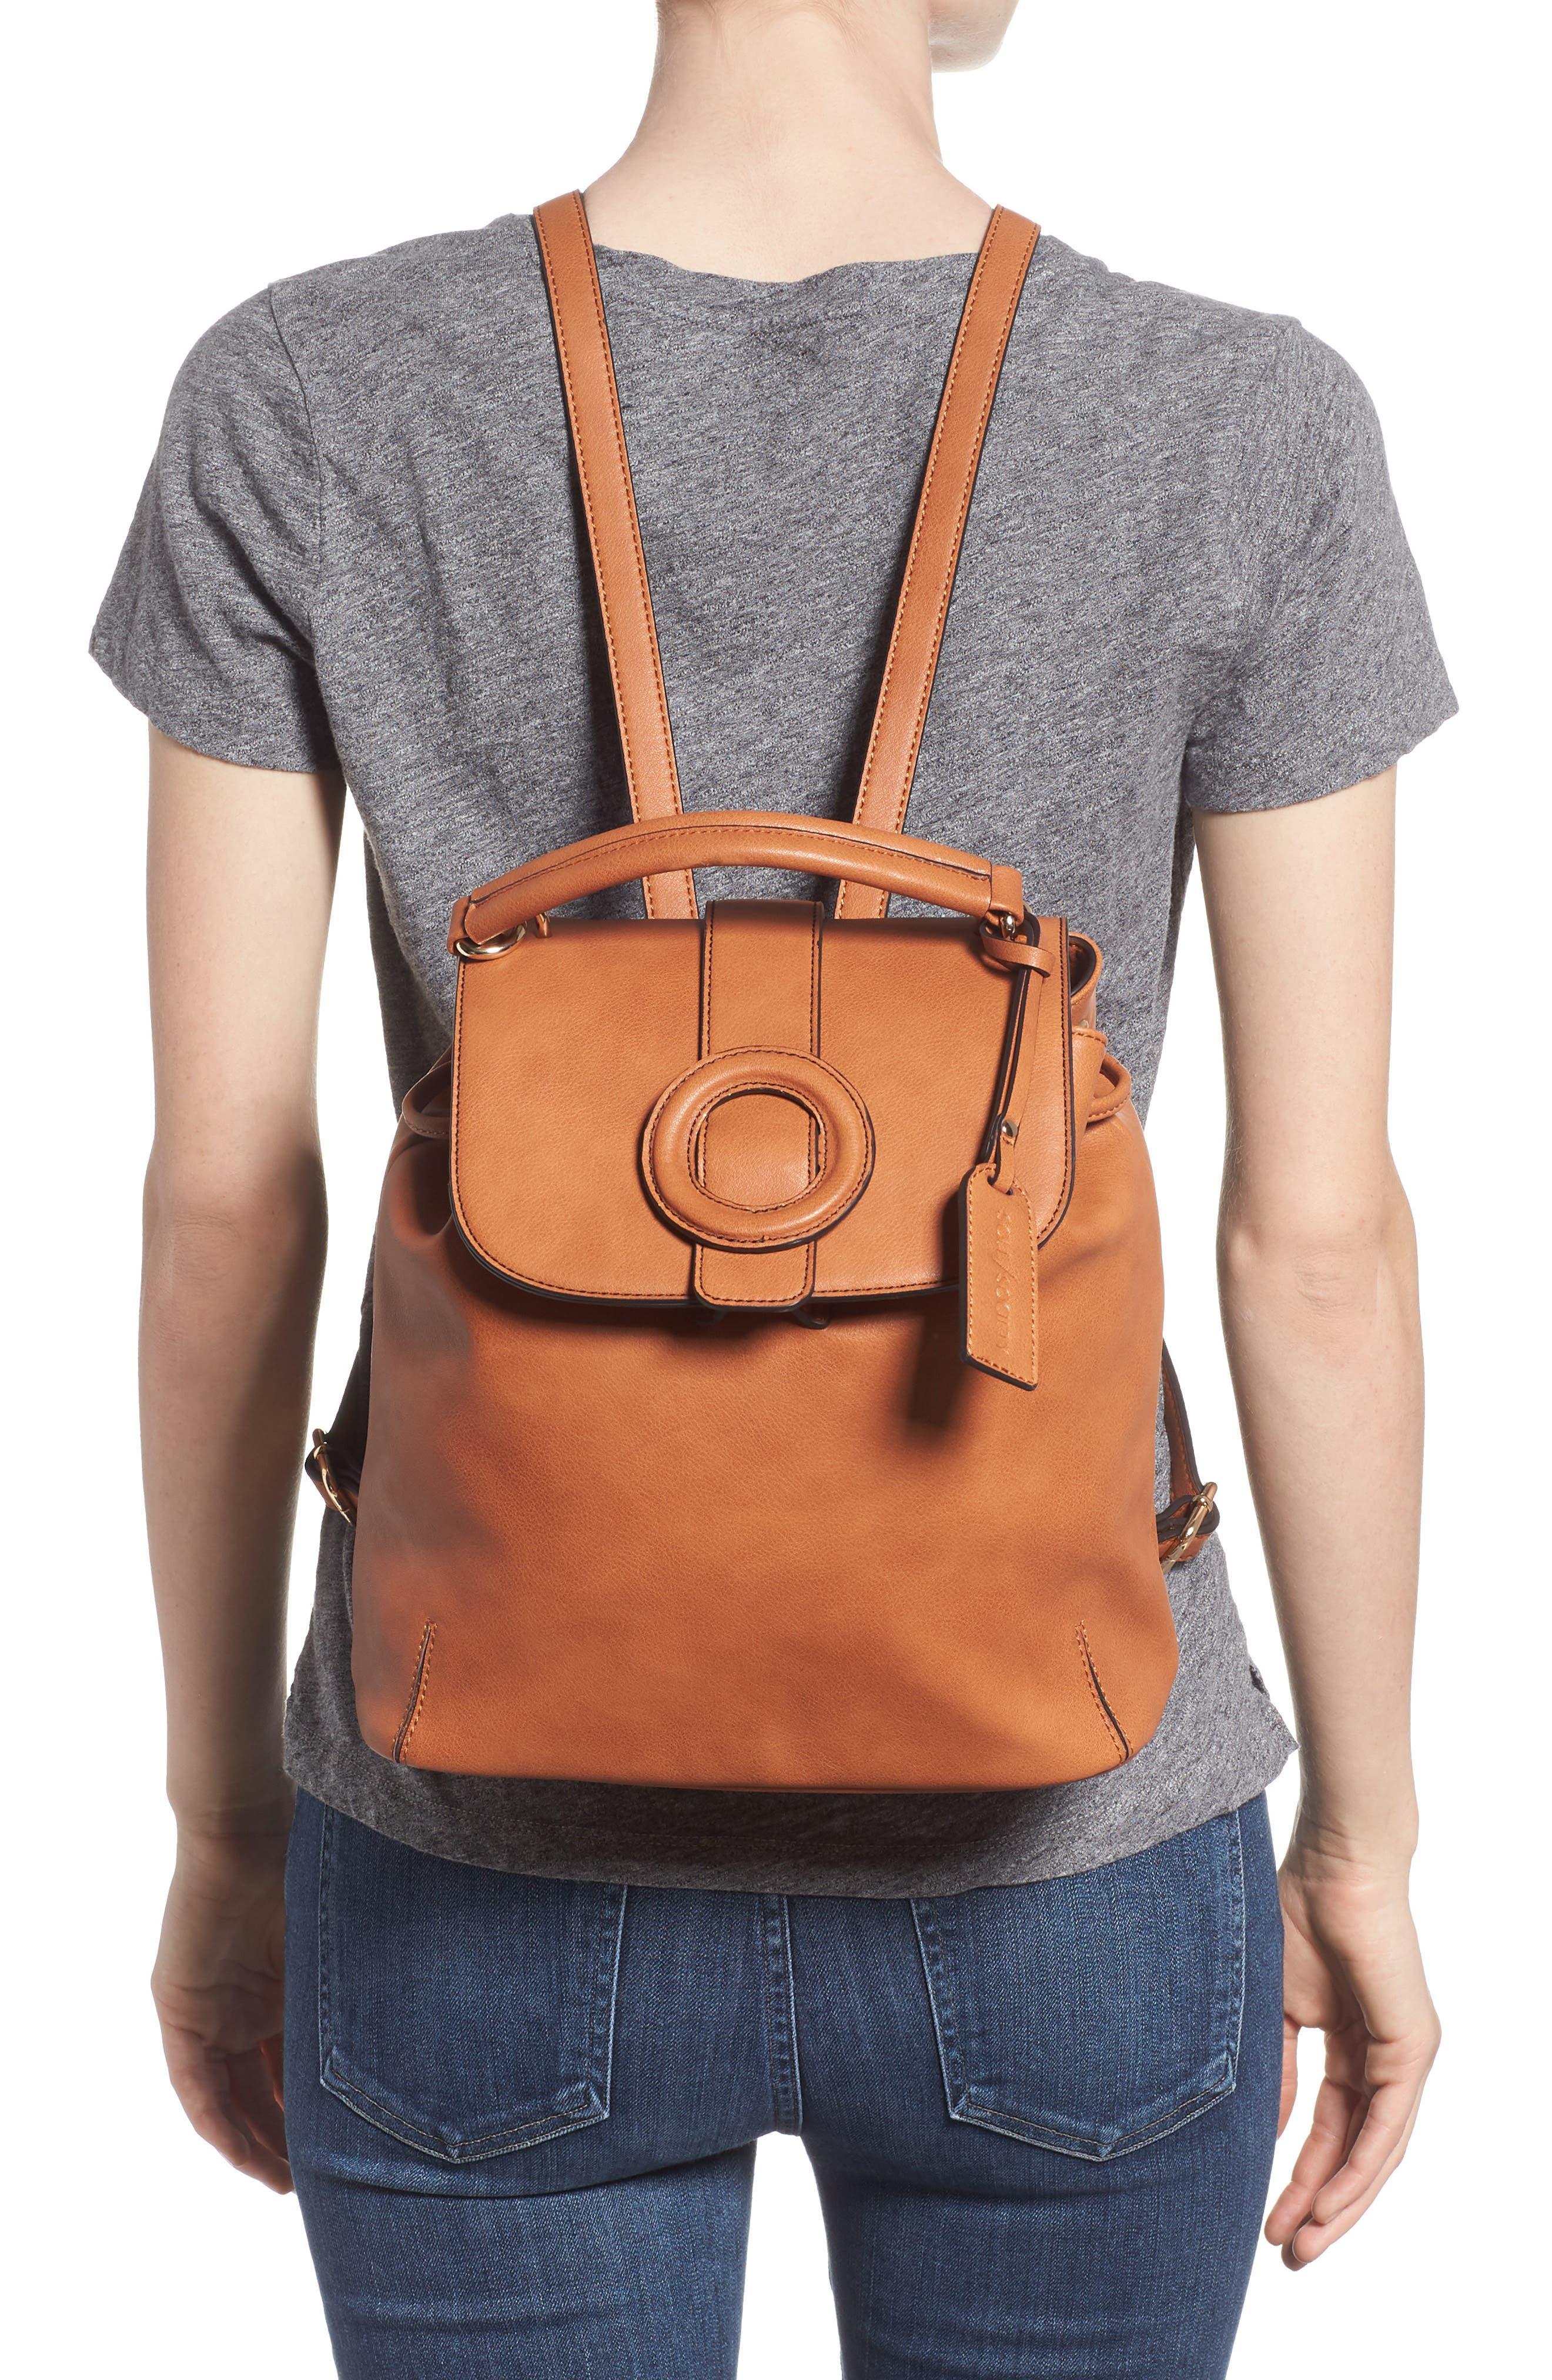 Buhck Backpack,                             Alternate thumbnail 2, color,                             COGNAC